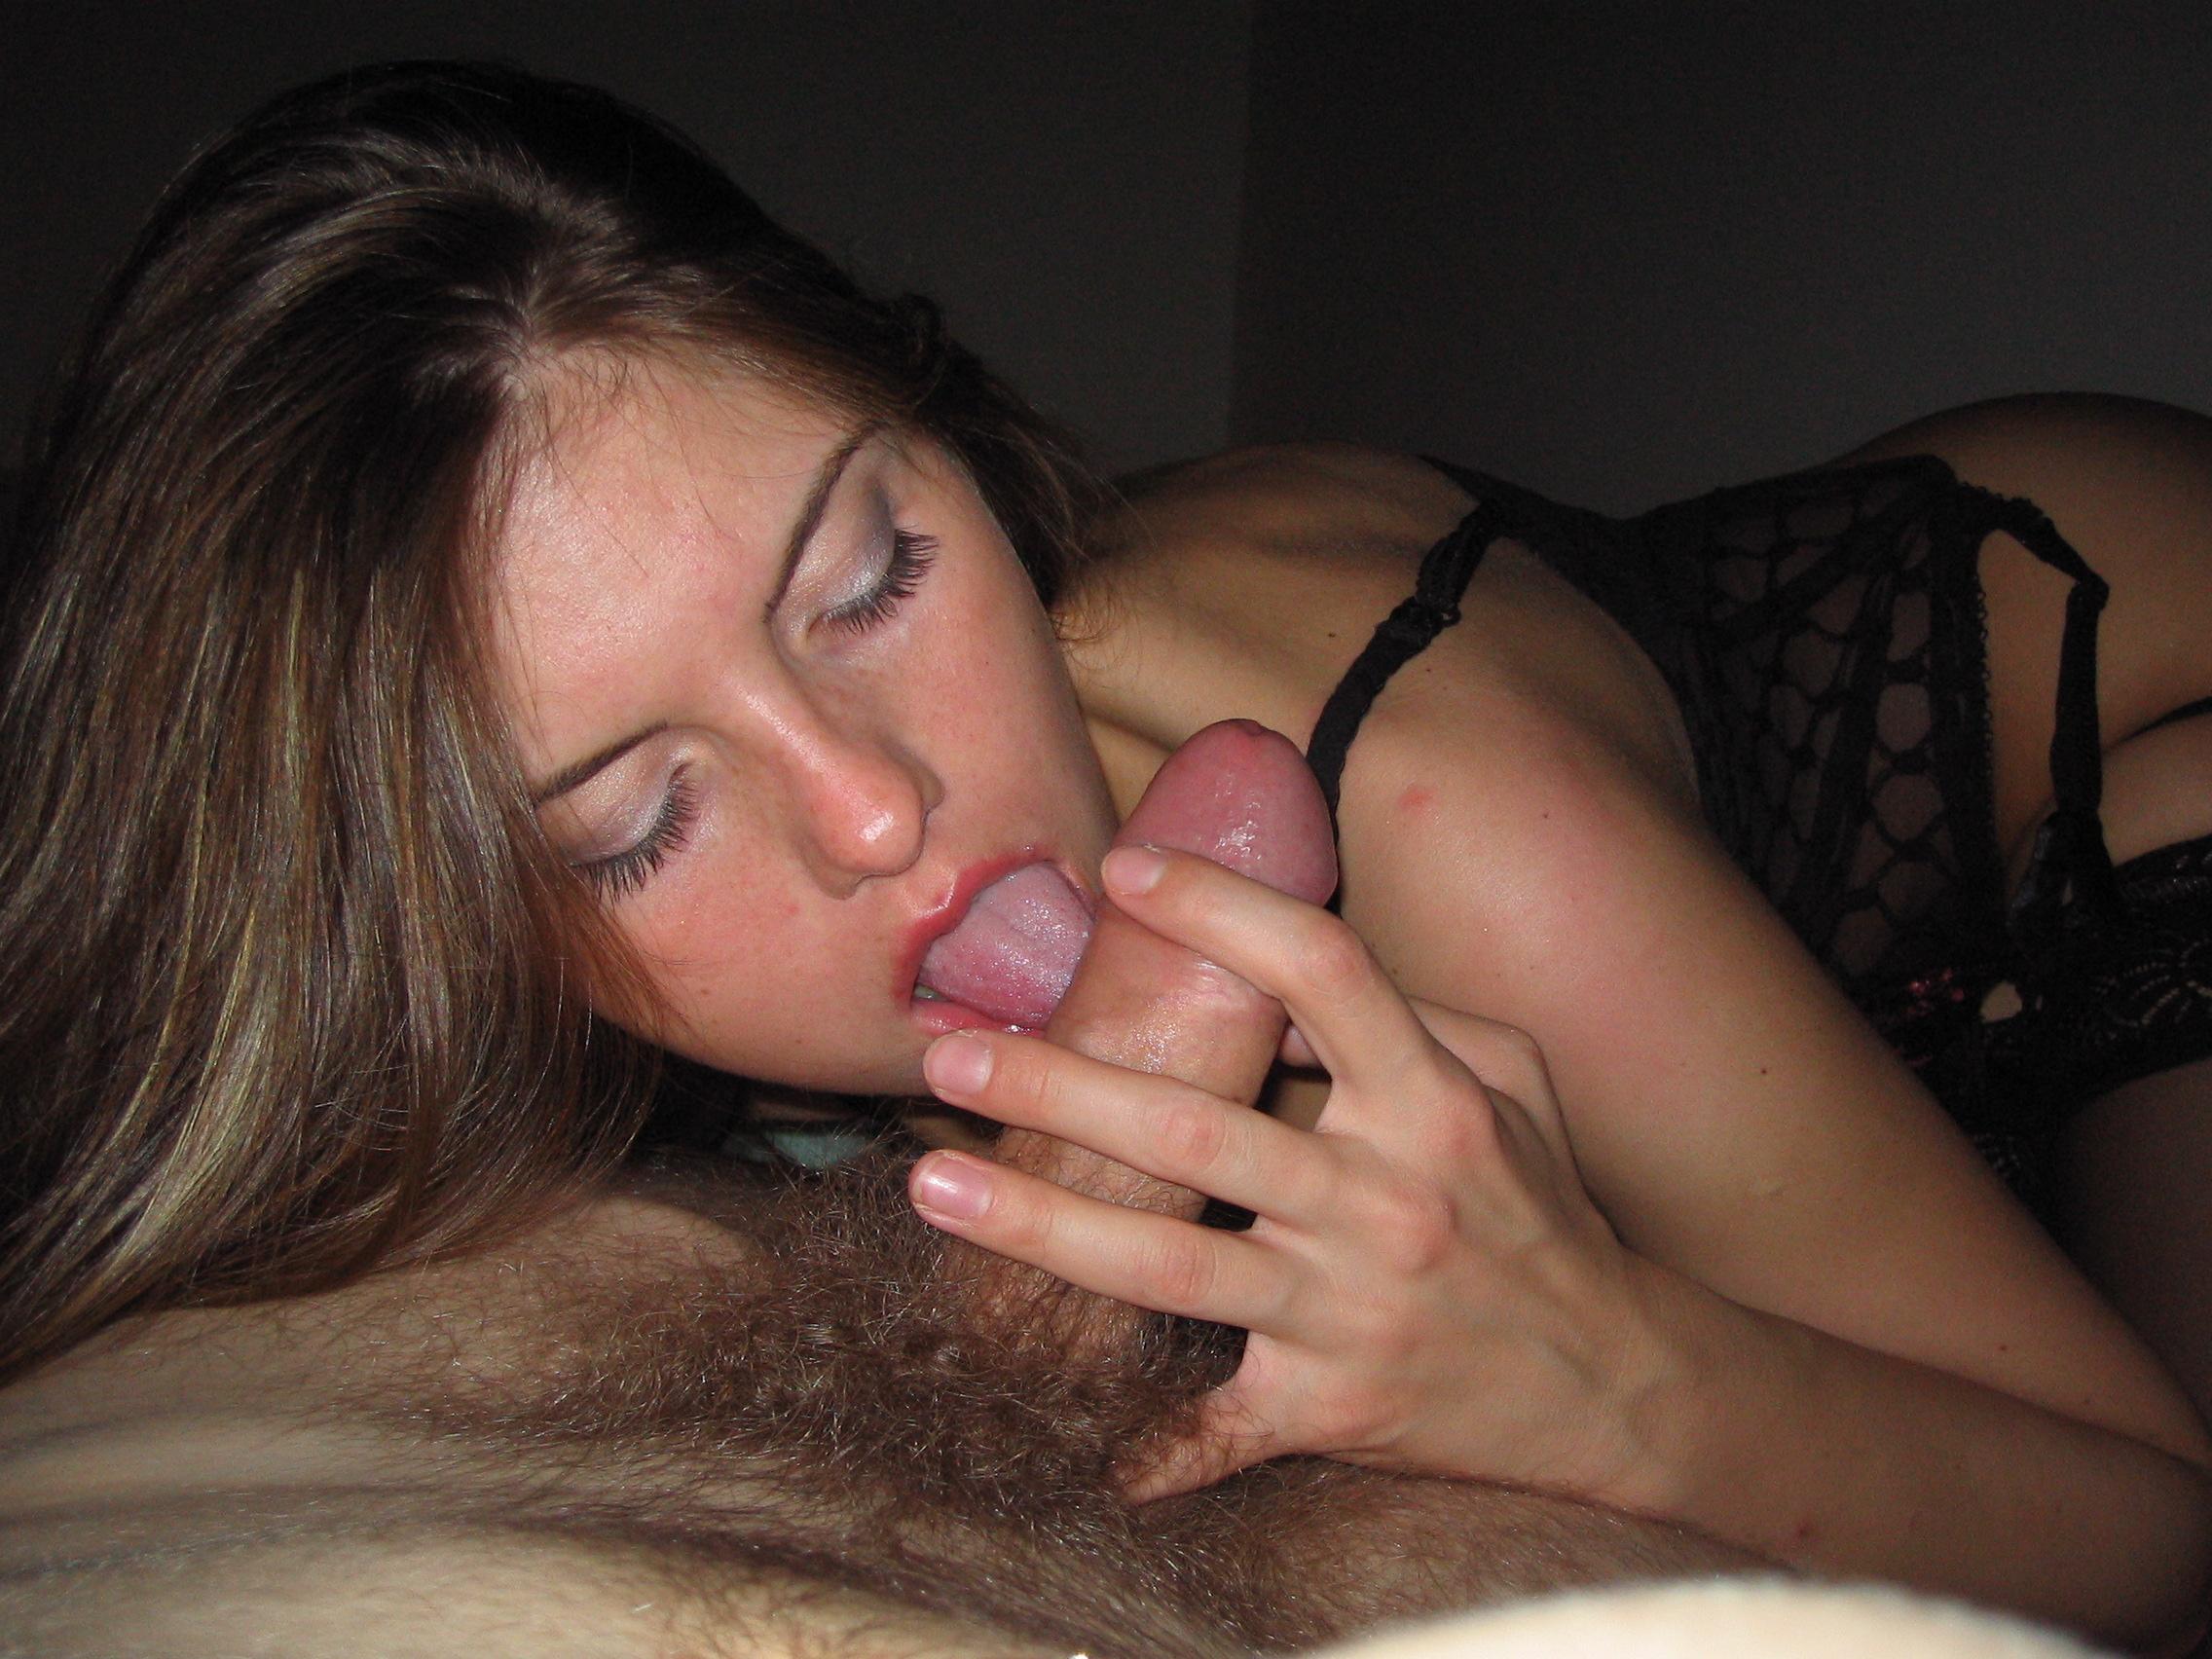 Сосать голая грудь 2 фотография